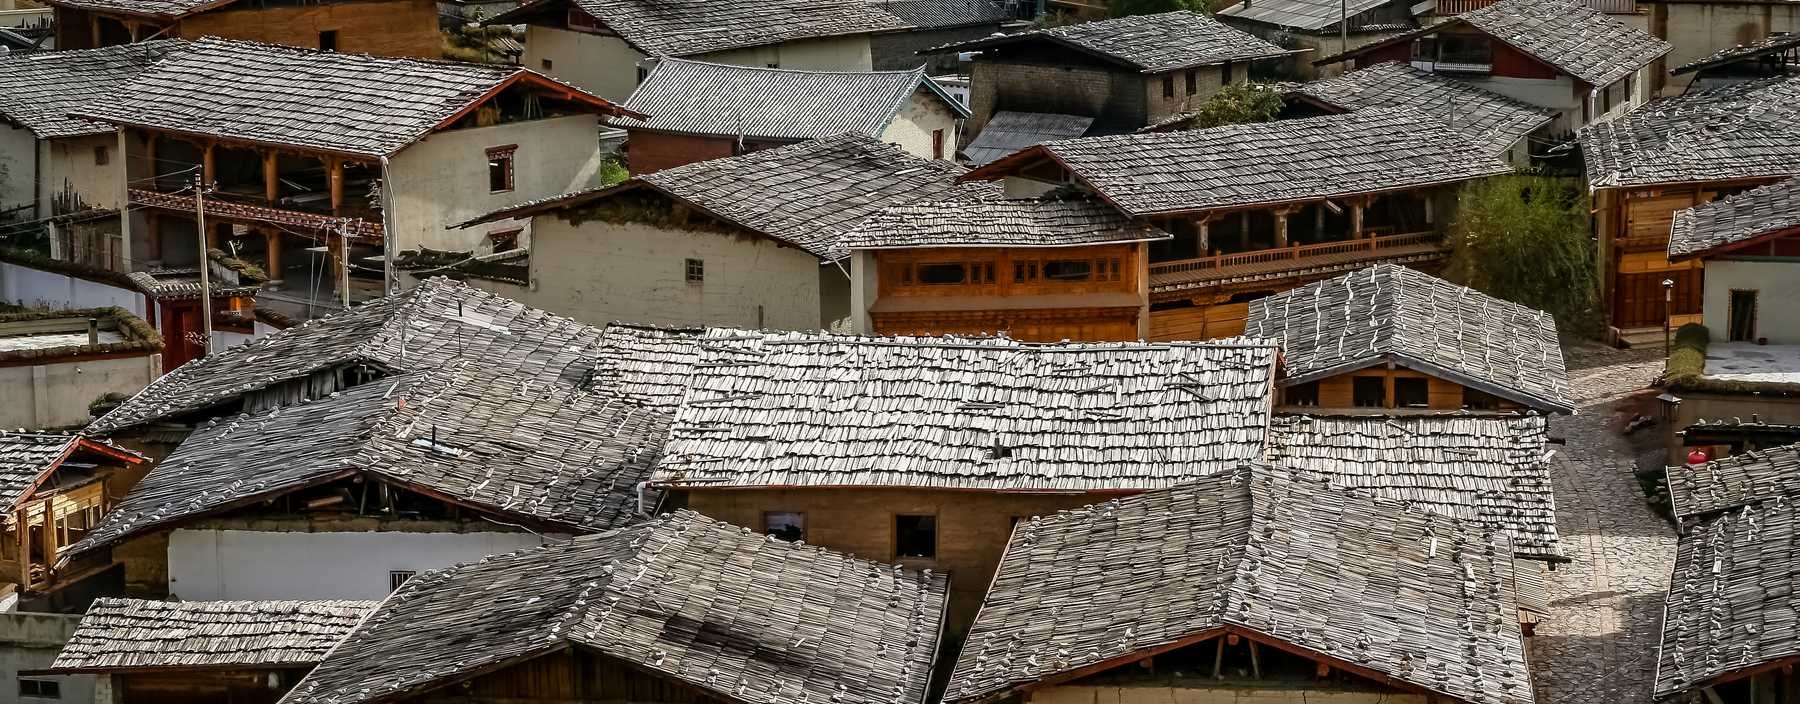 cn, zhongdian, oude stad.jpg